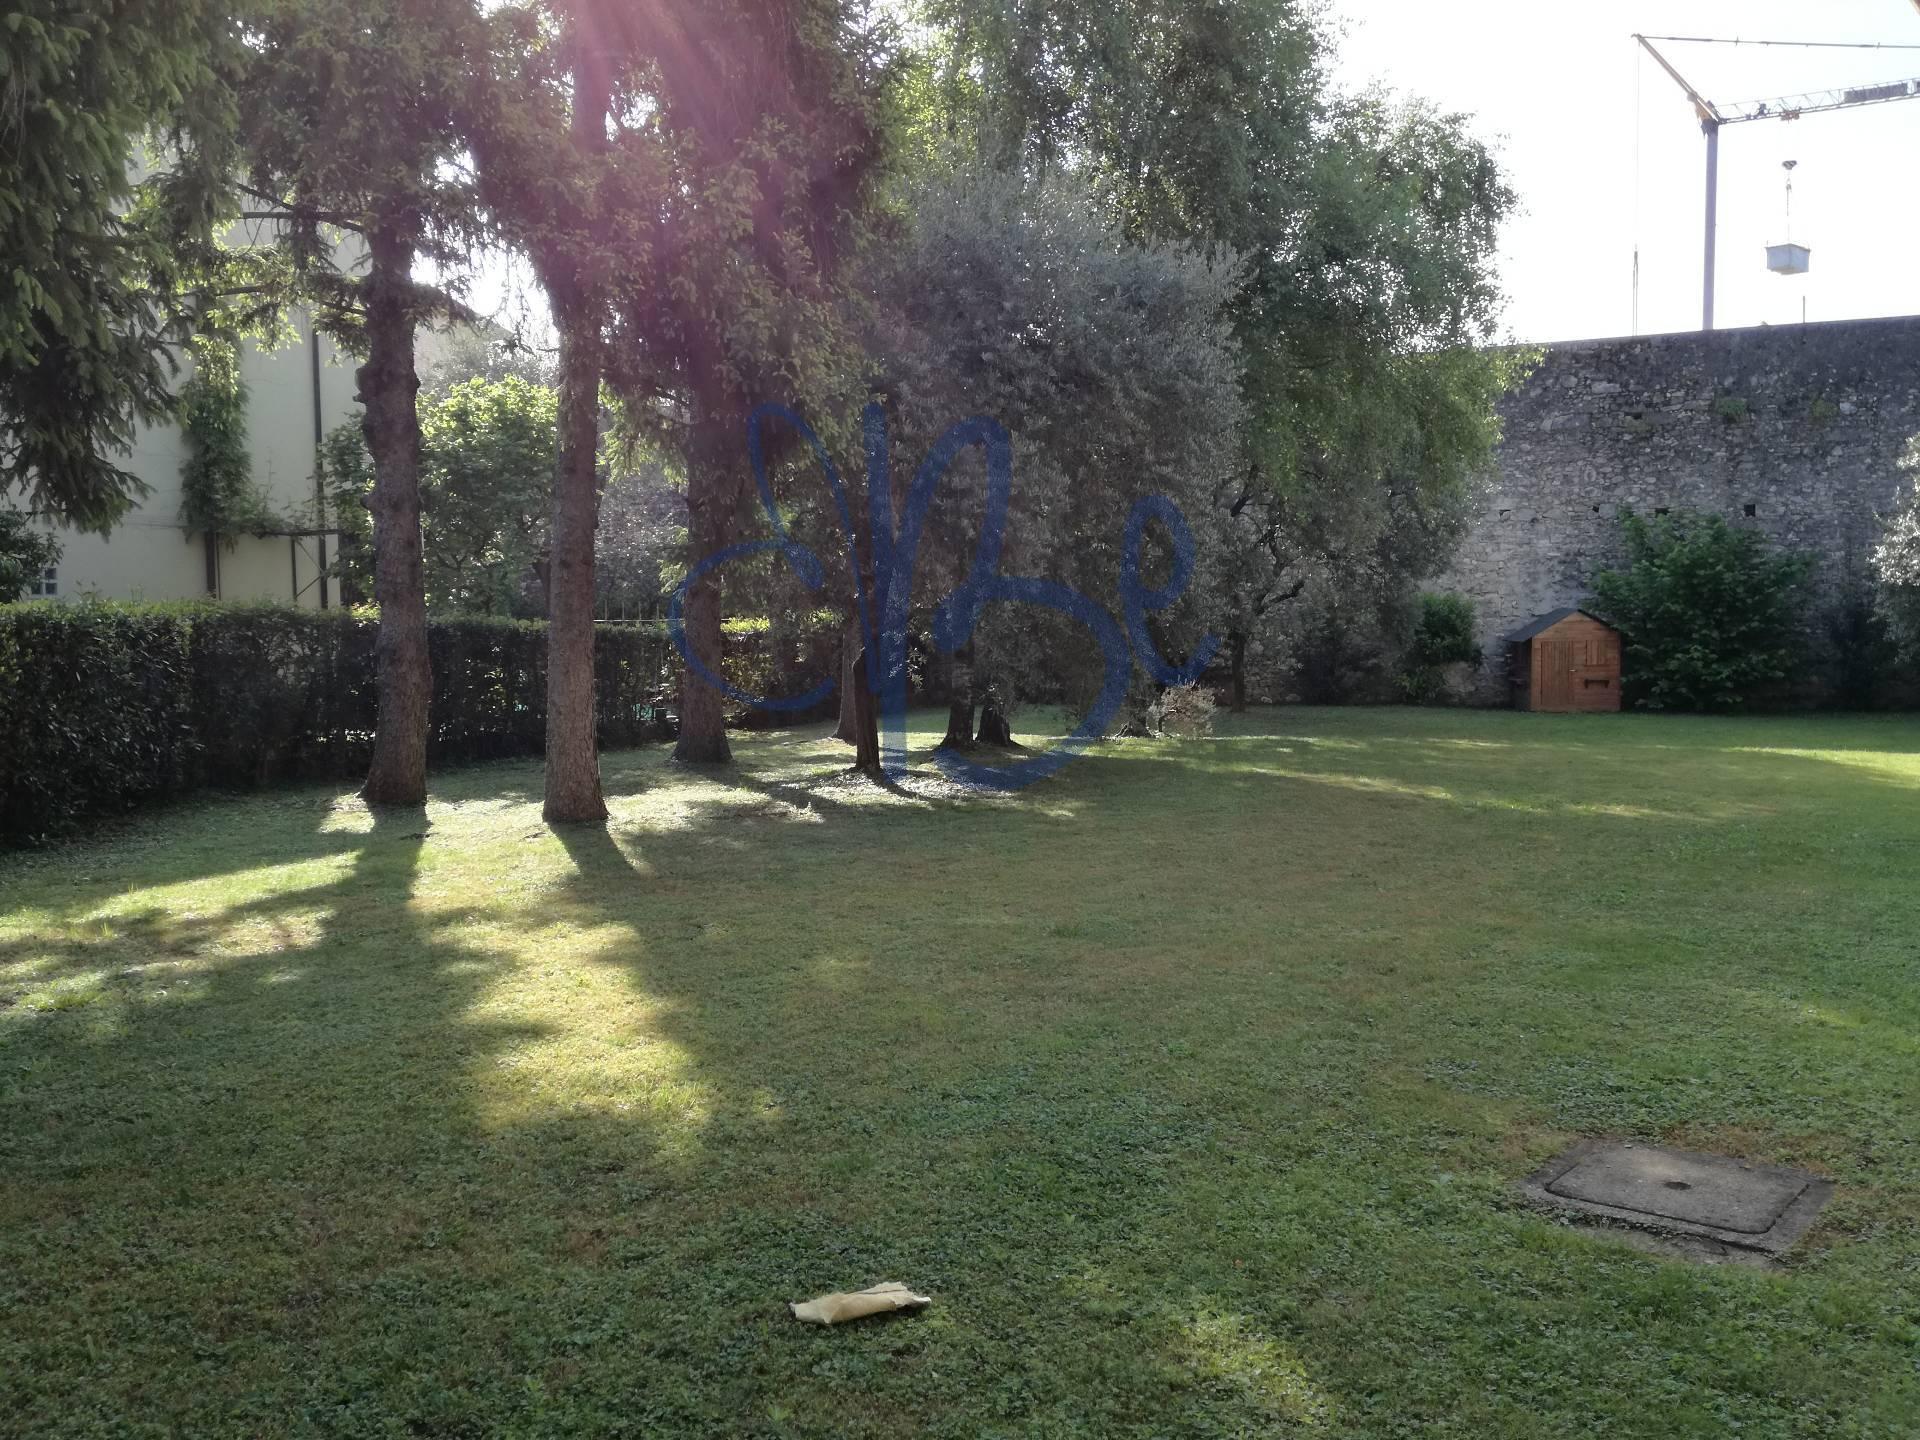 APPARTAMENTO in Affitto a Toscolano, Toscolano Maderno (BRESCIA)